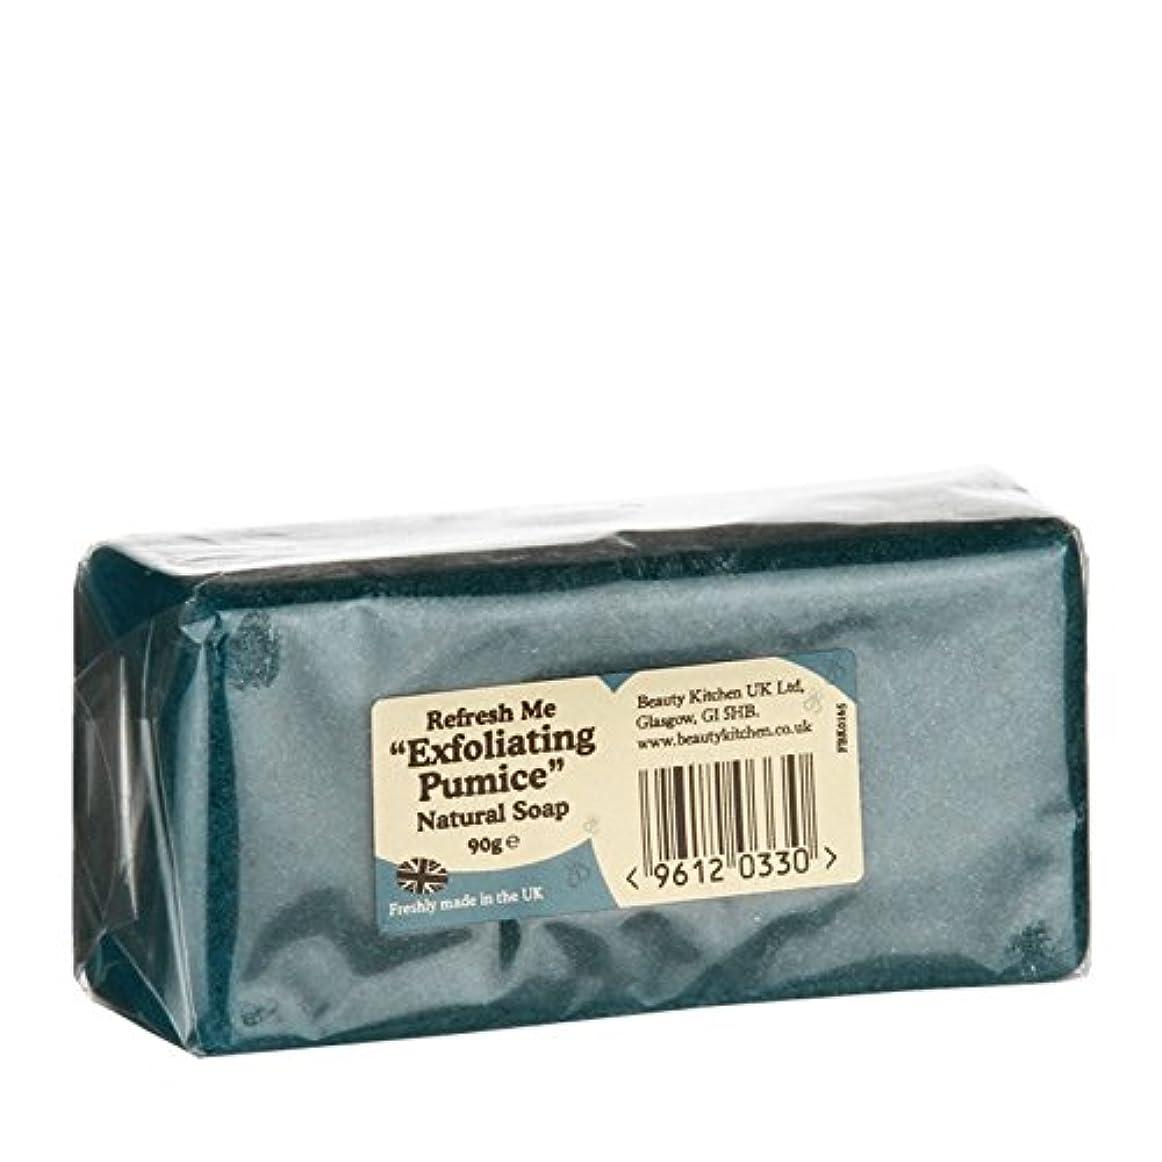 耐久コロニアル娯楽美しさのキッチンは、軽石の天然石鹸90グラムを剥離私をリフレッシュ - Beauty Kitchen Refresh Me Exfoliating Pumice Natural Soap 90g (Beauty Kitchen...